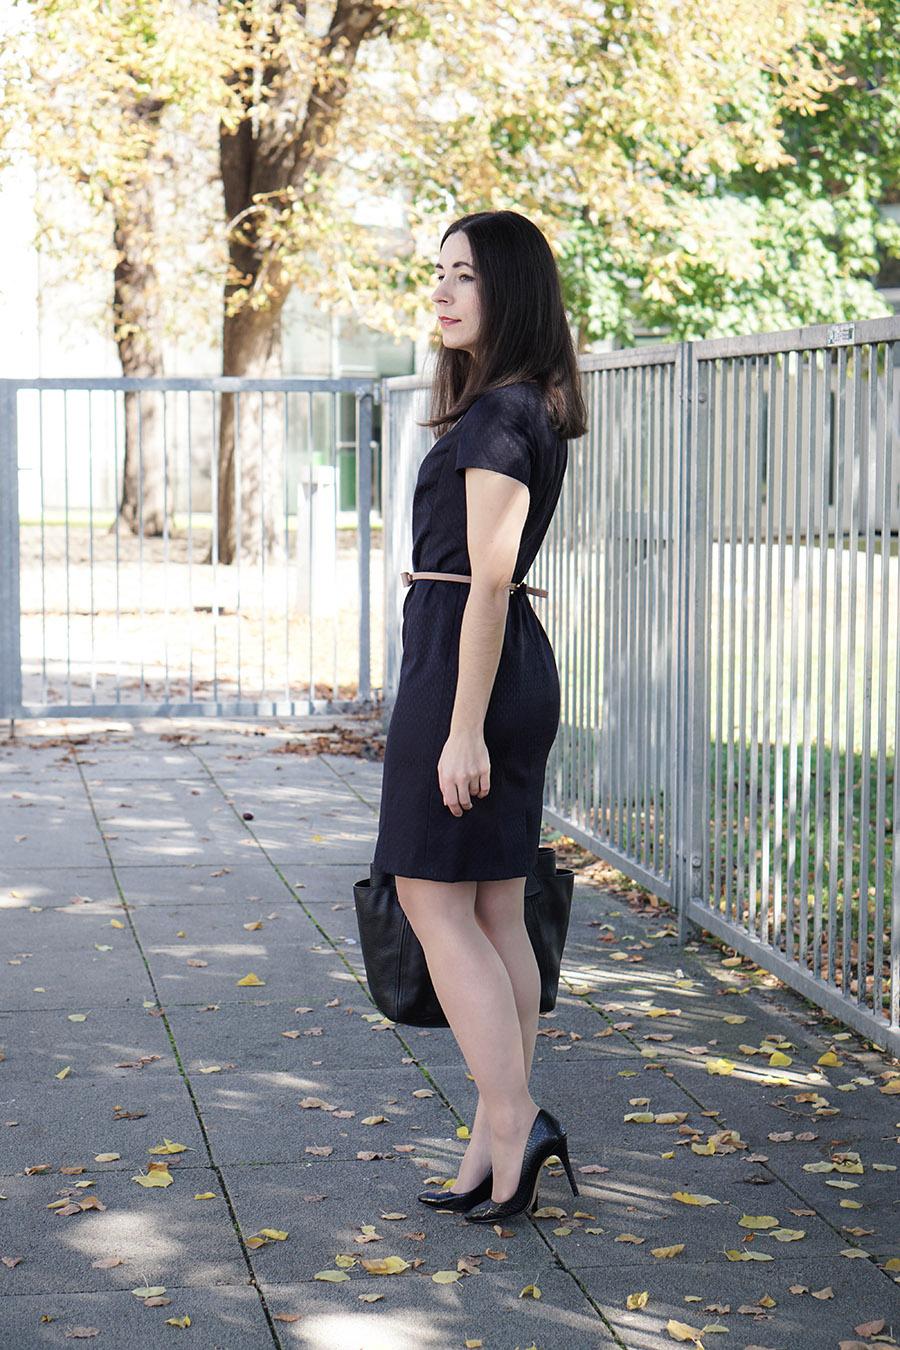 1 teil, 3 outfits: so kannst du dein etuikleid kombinieren